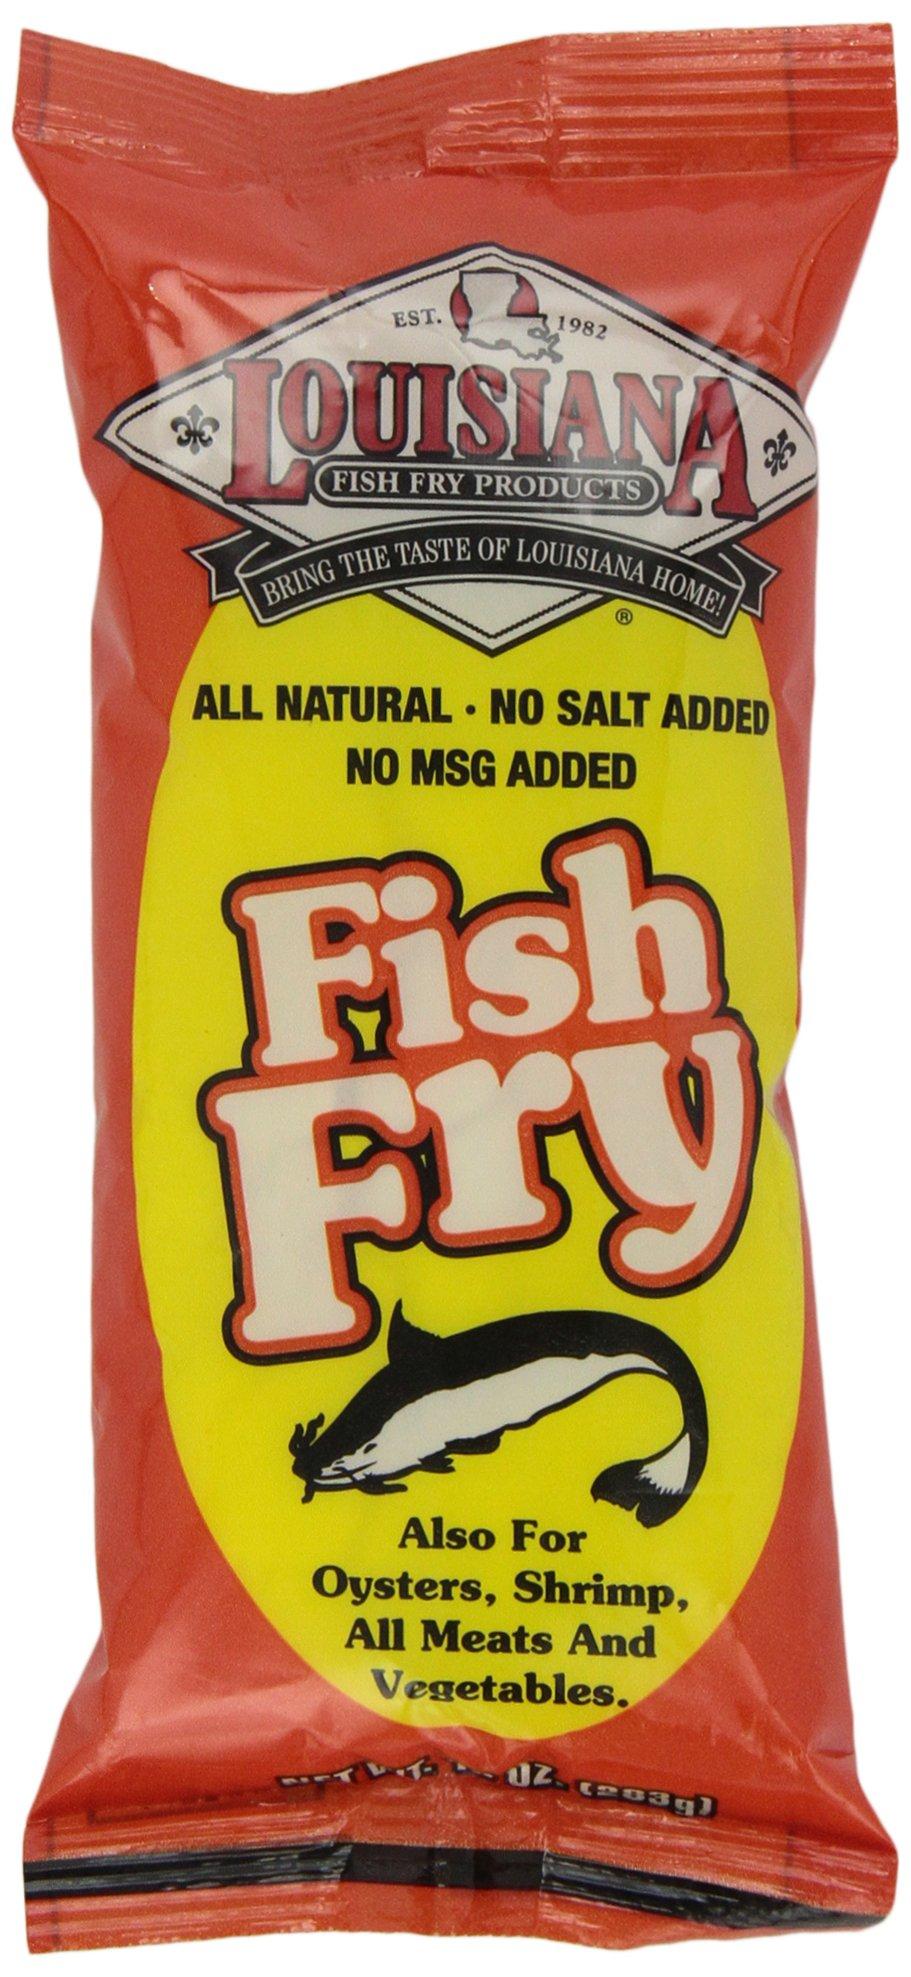 Louisiana Fish Fry Products All Natural Fish Fry, 10 oz